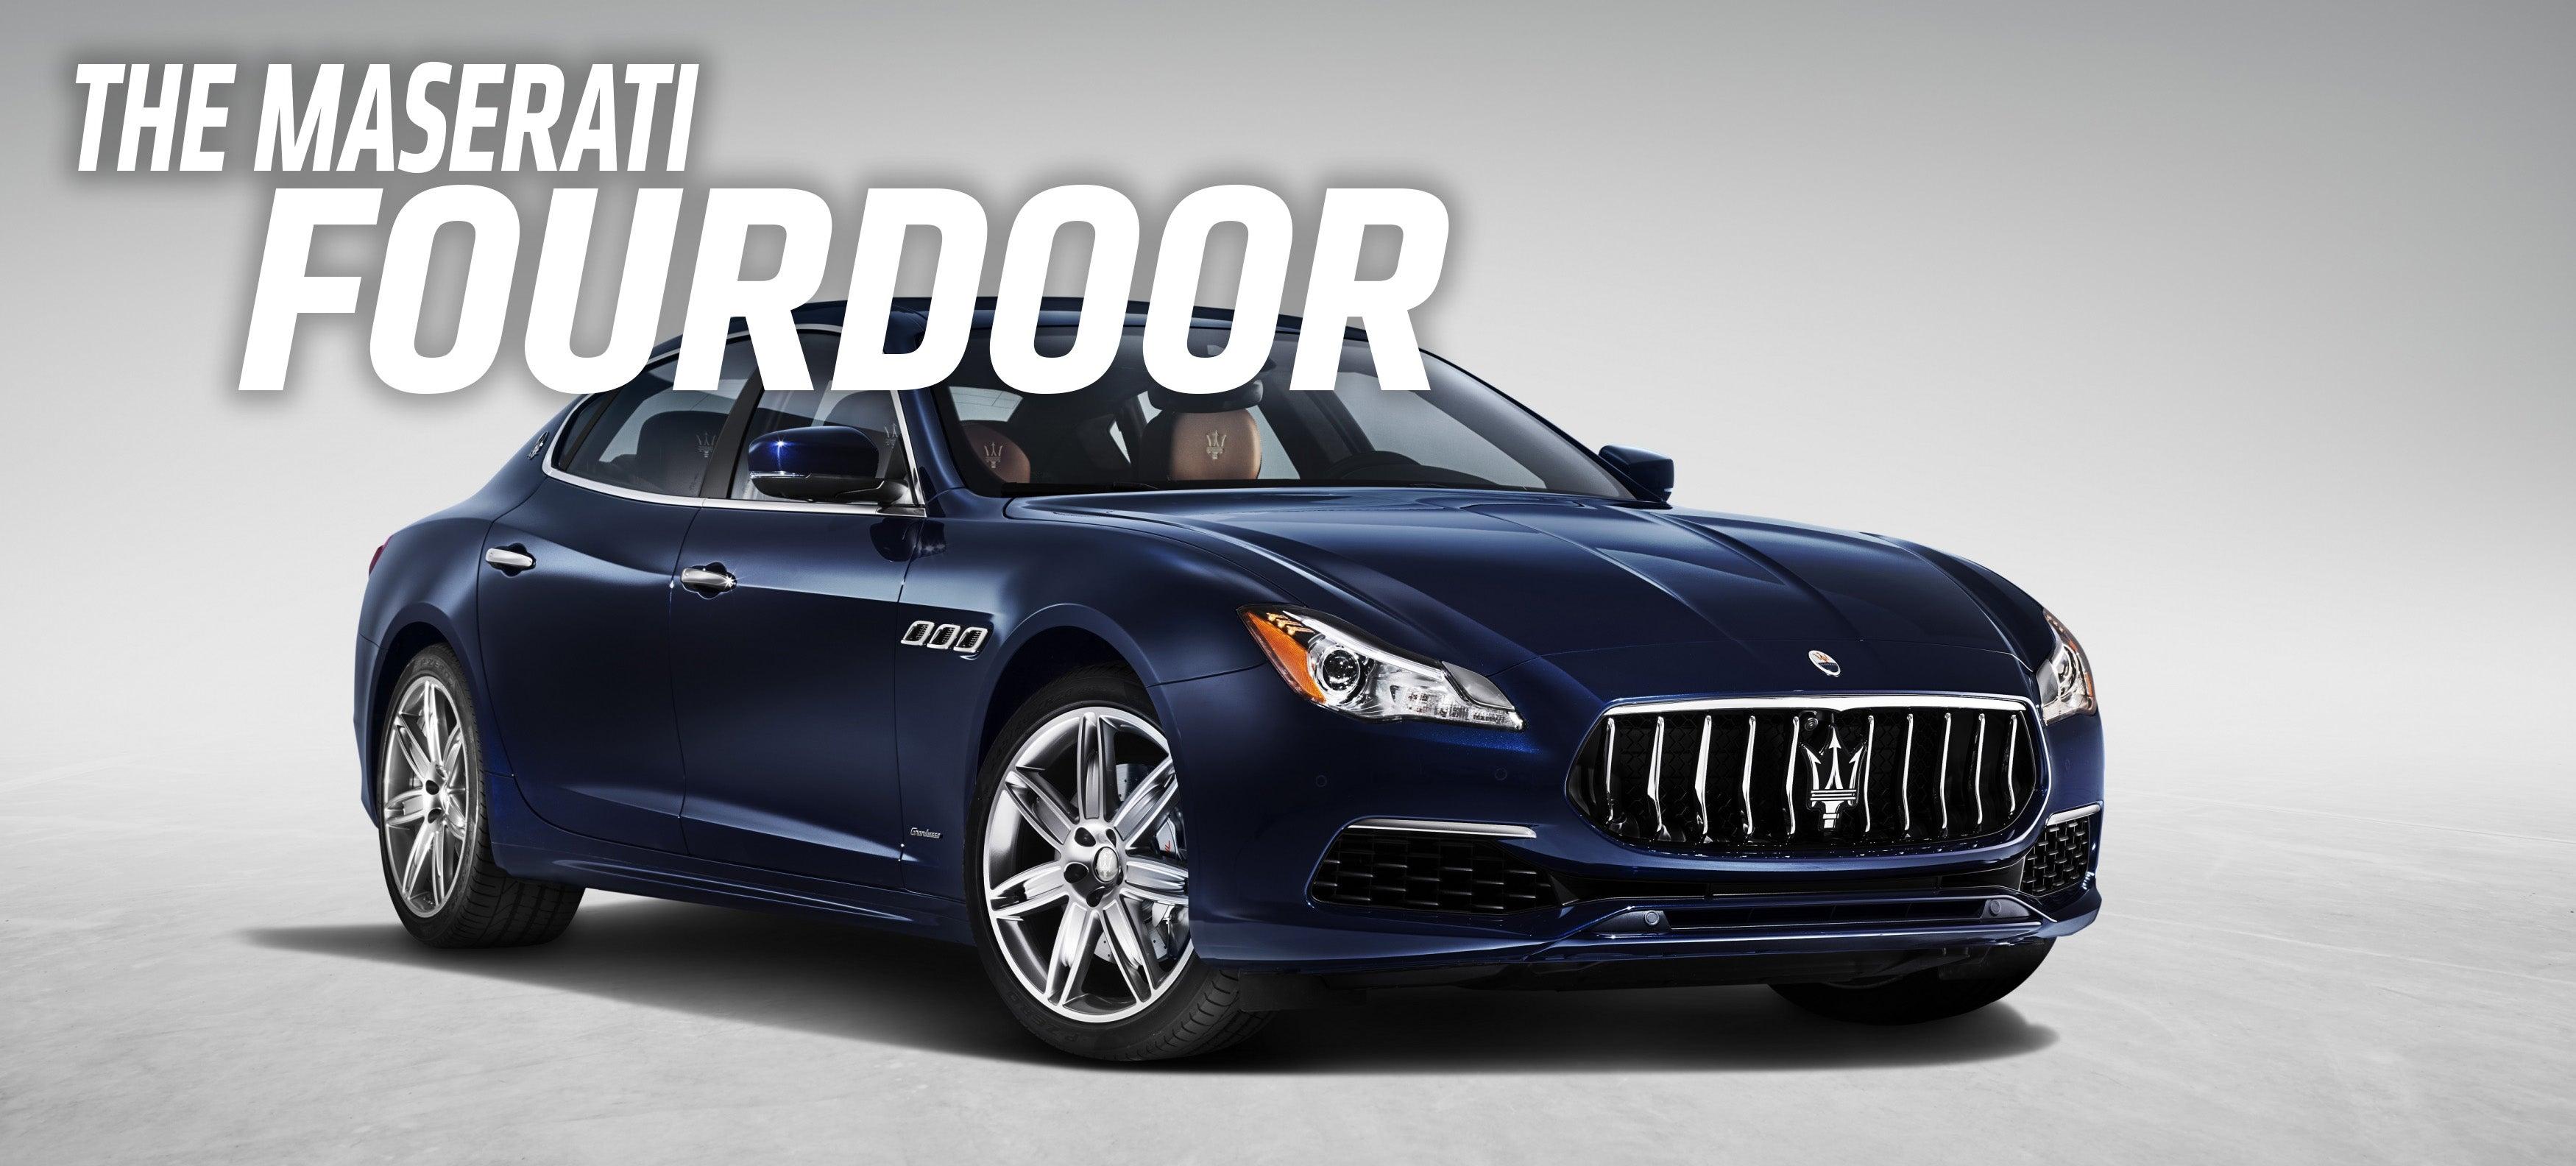 If Italian Cars Had English Names Instead